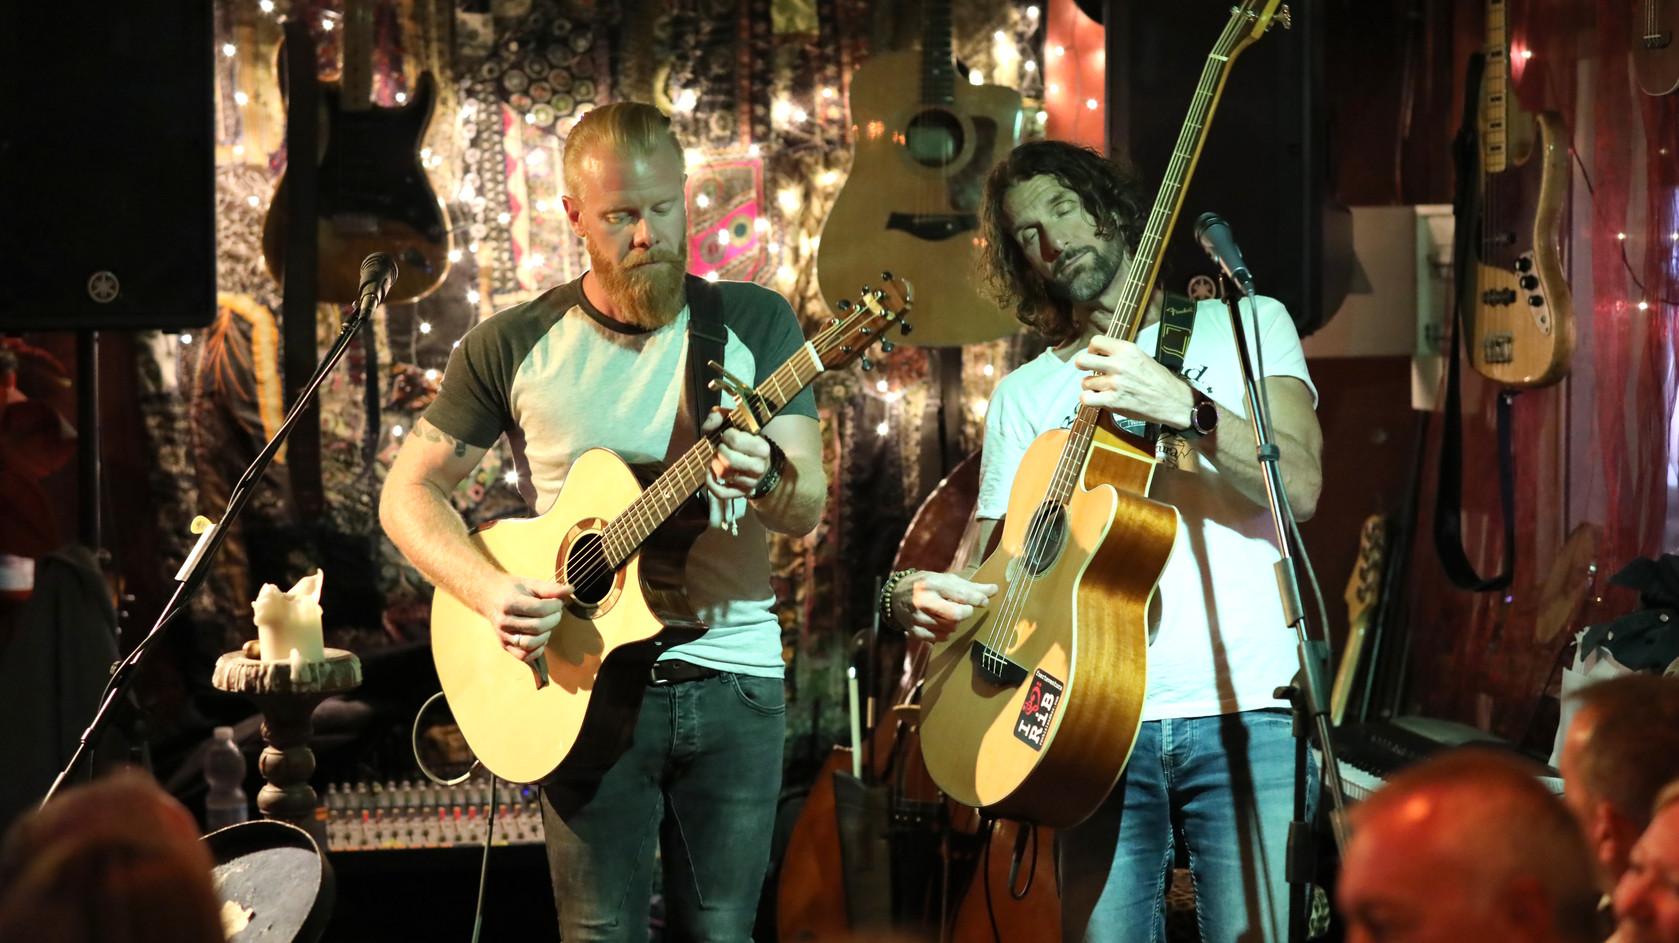 Gary & Dave